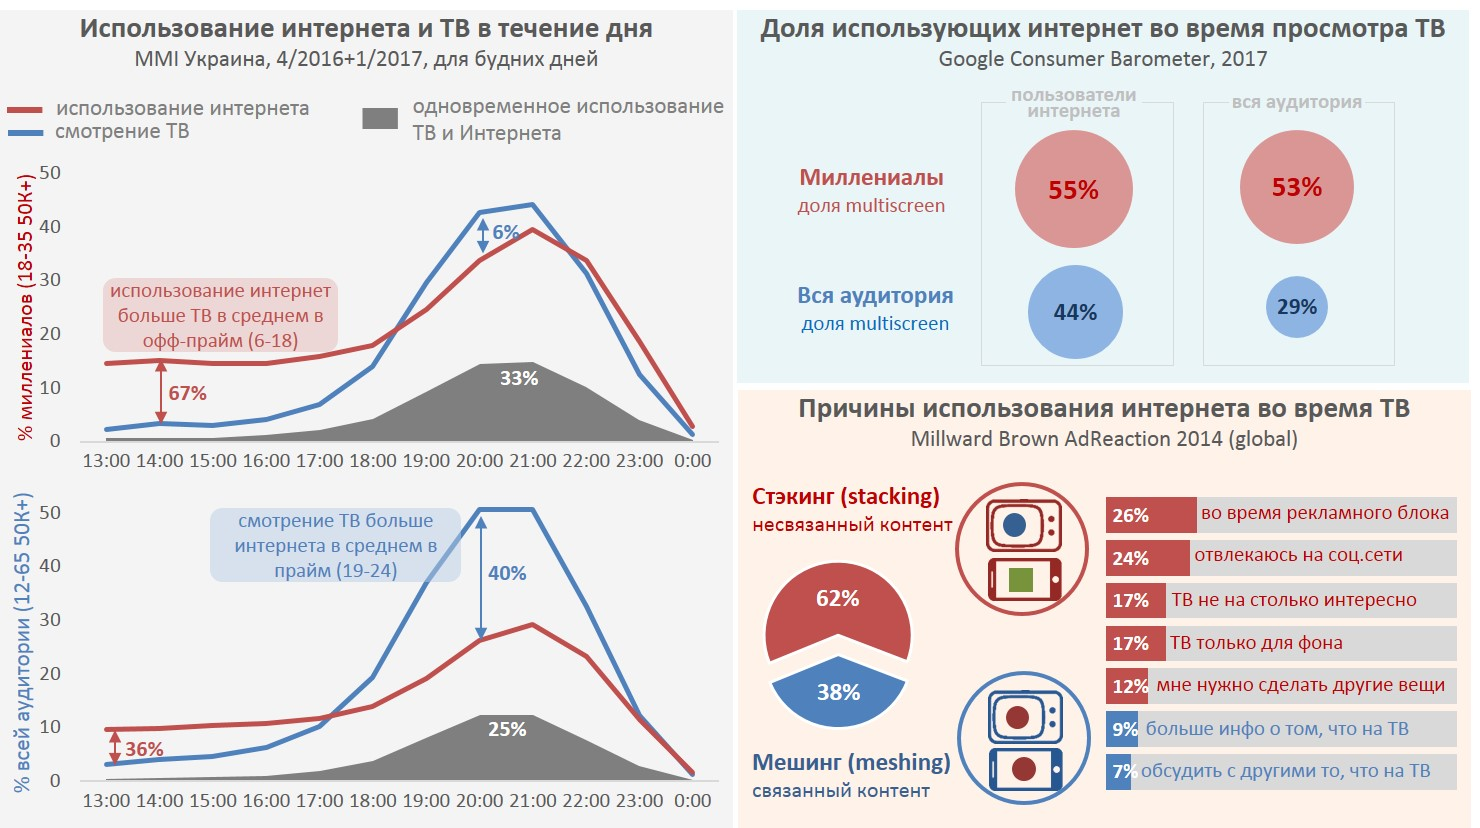 какой % людей в Украине используют второй экран